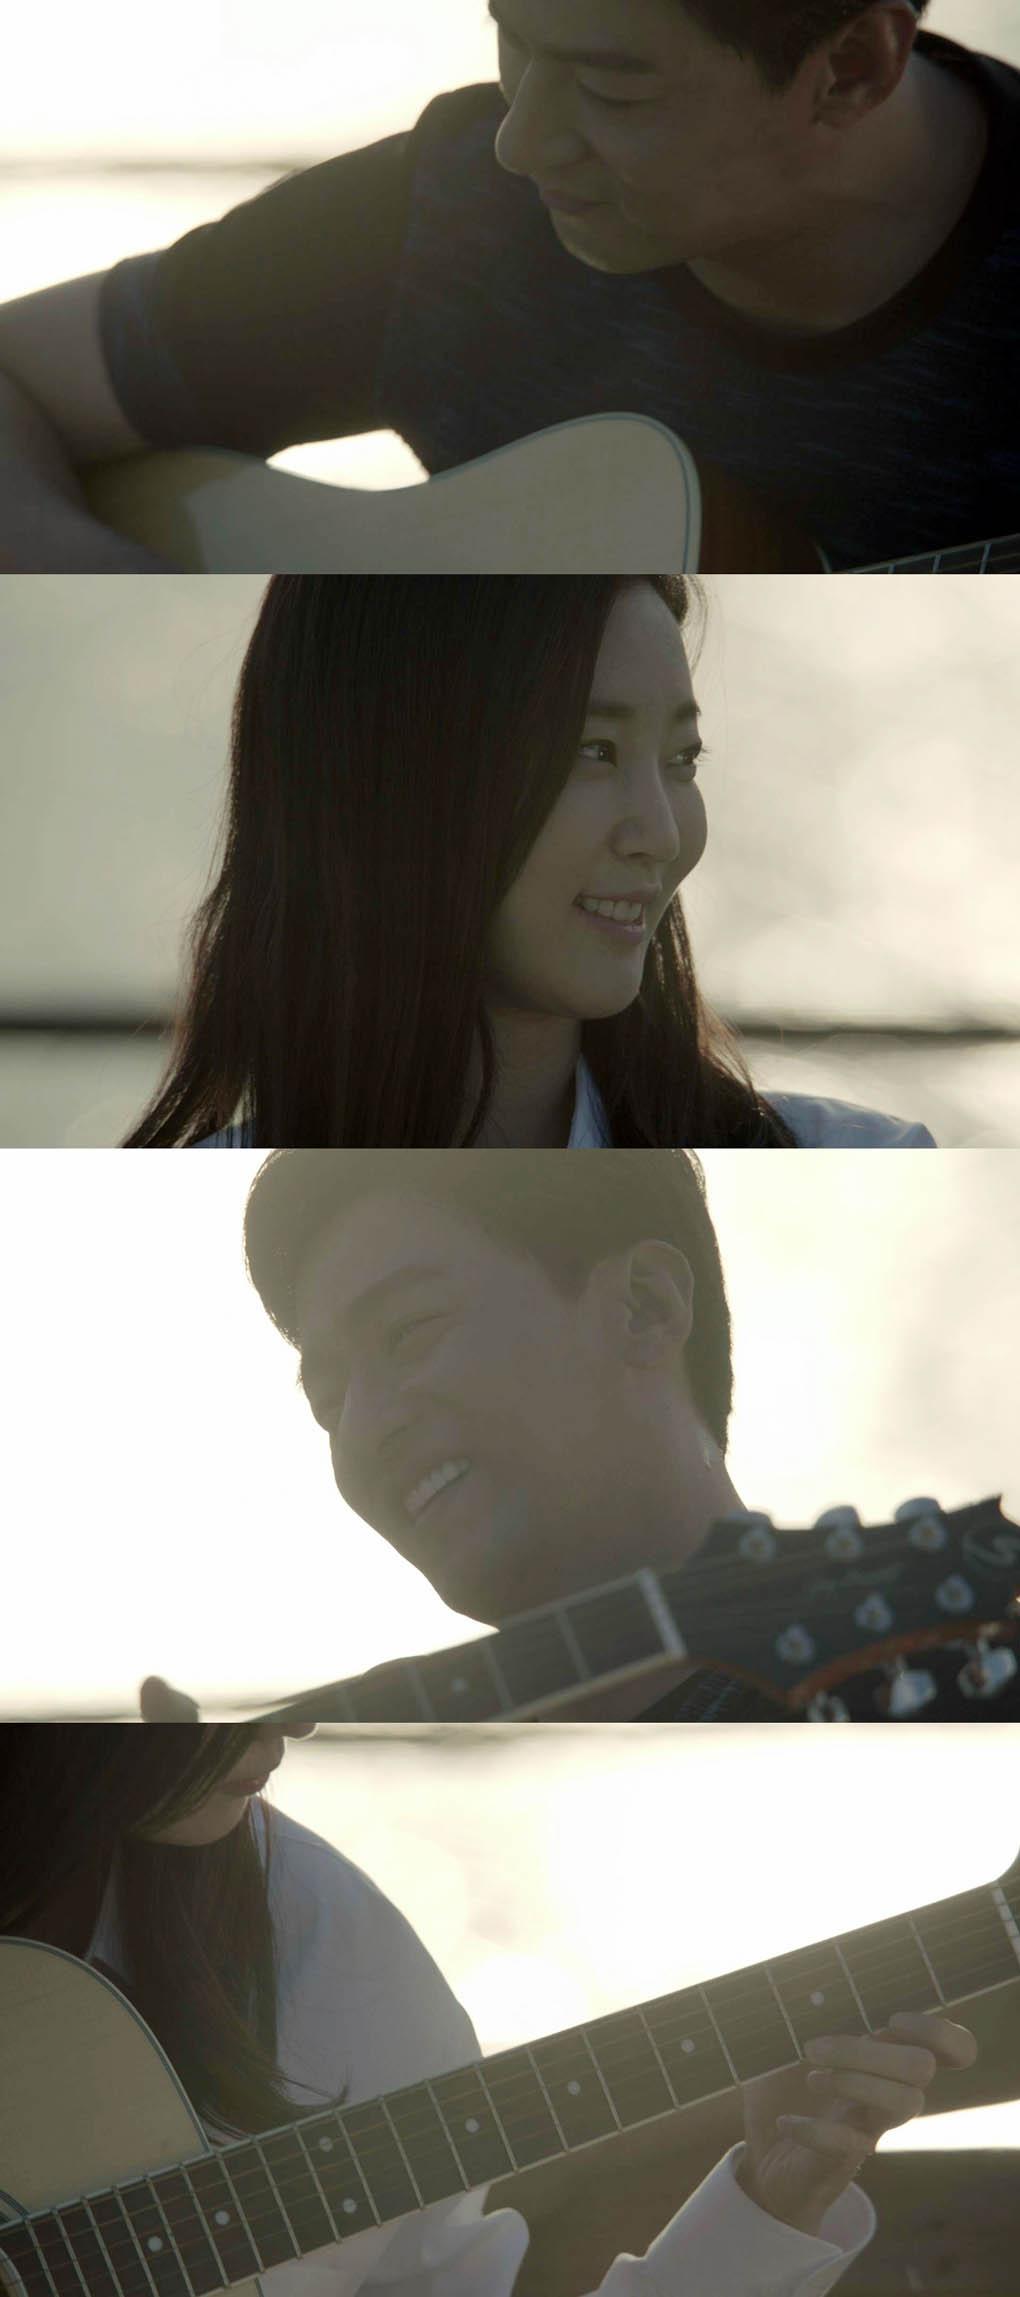 《親愛的恩東啊》朱鎮模金莎朗拍攝花絮 約會彈吉他